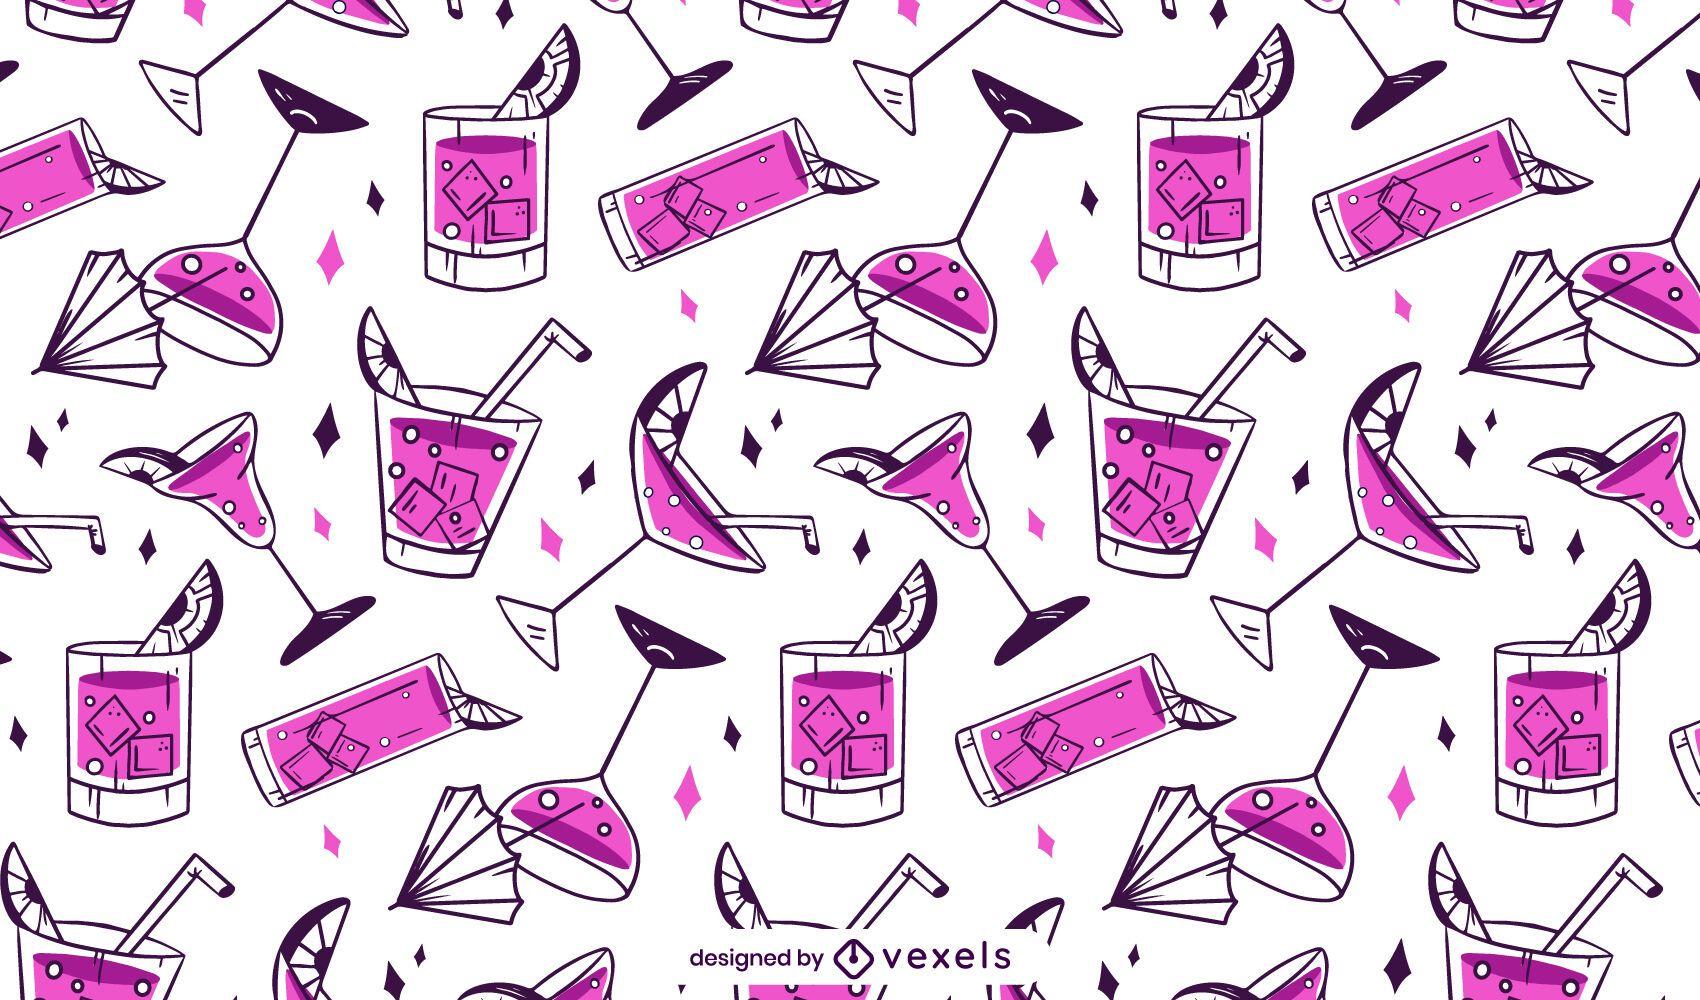 Pink cocktails pattern design